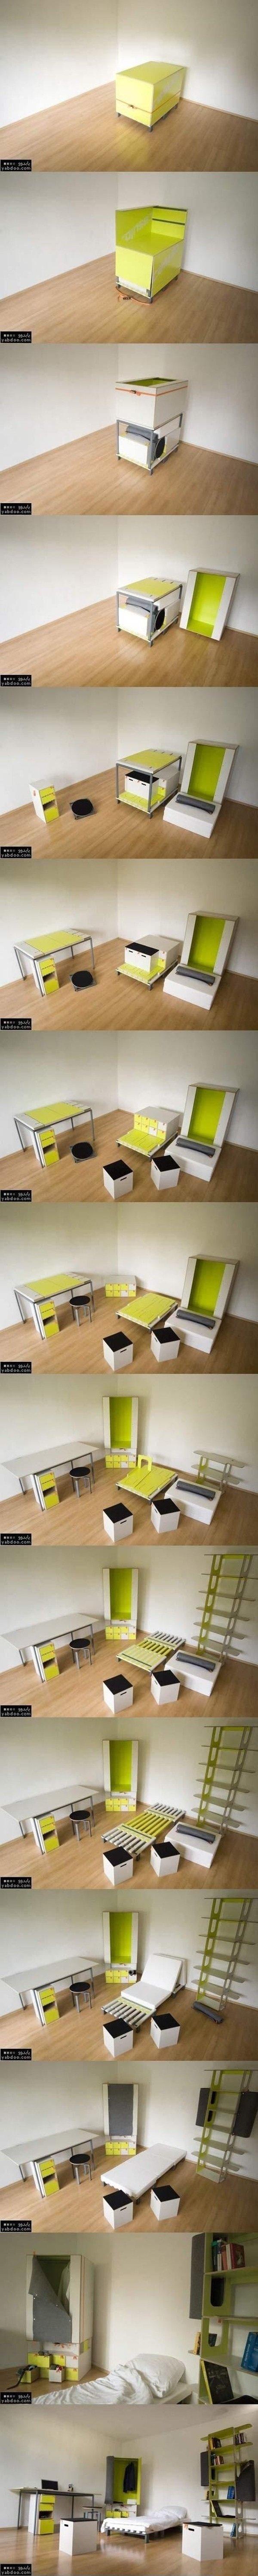 Ultimate bedroom. .. ok...now put it back together Ultimate bedroom ok now put it back together